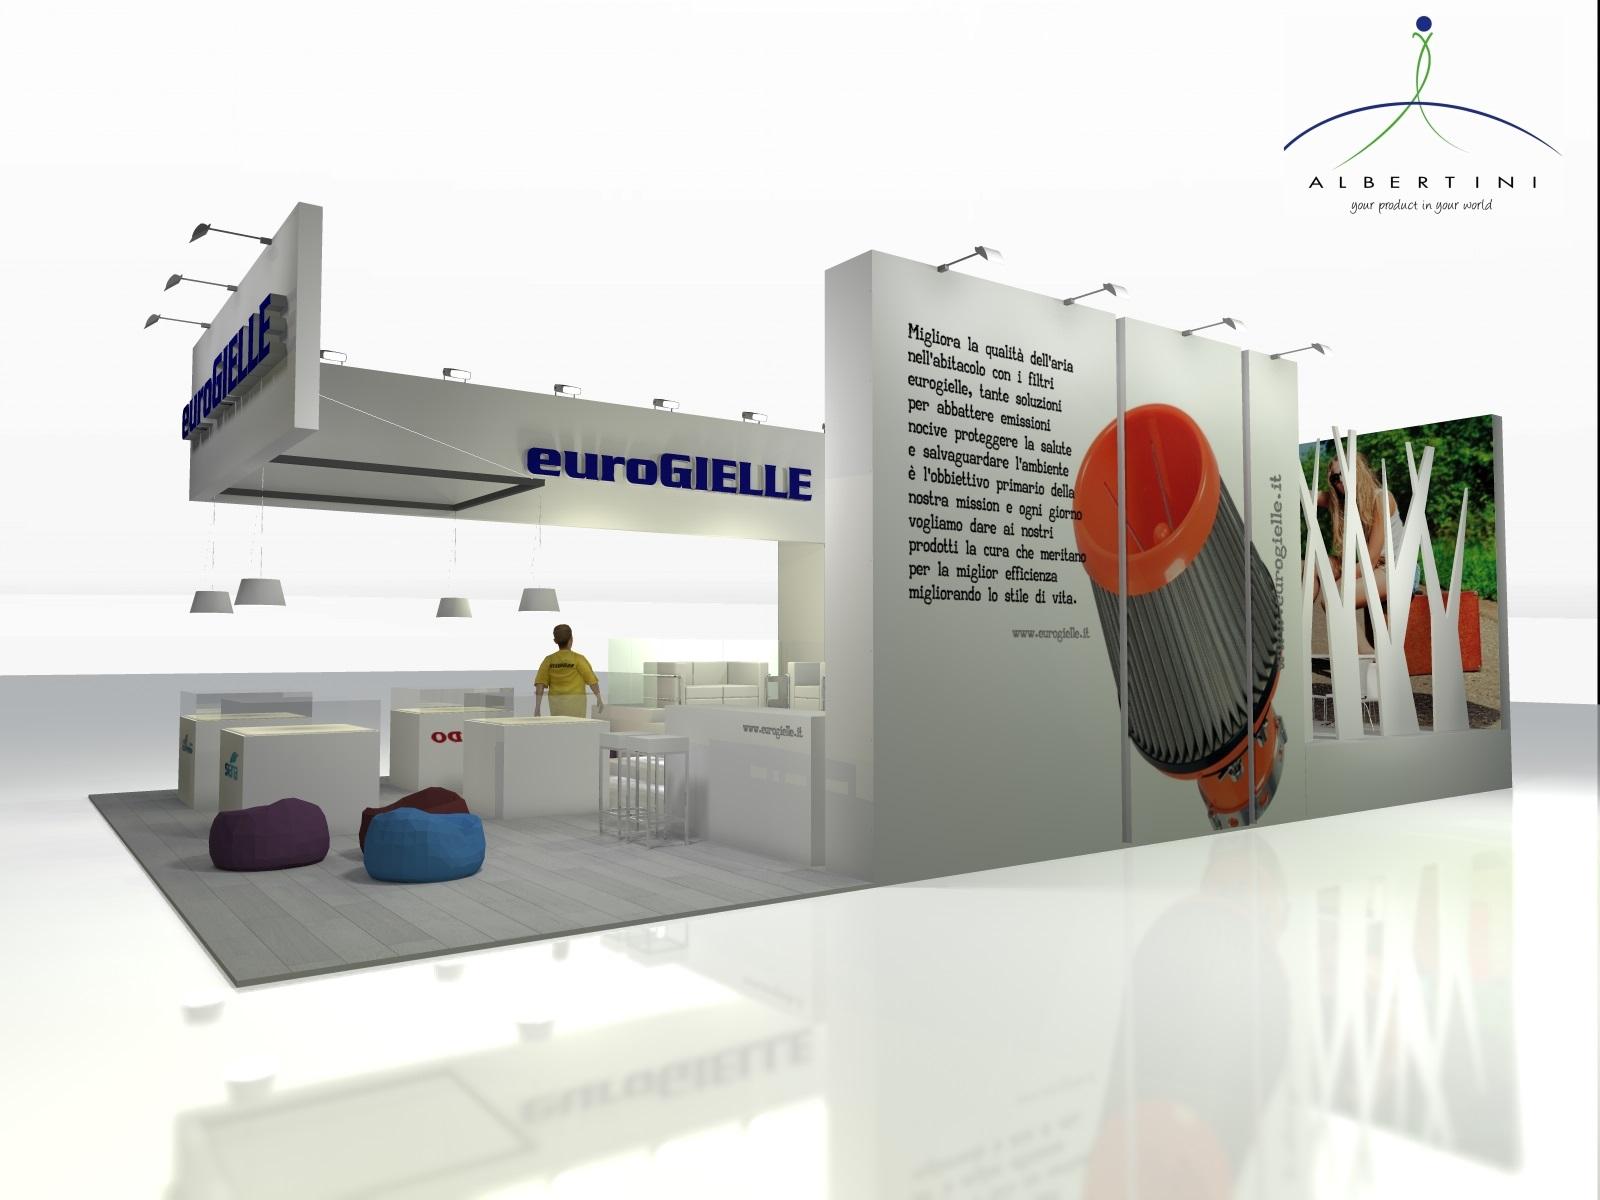 eurogielle1.5